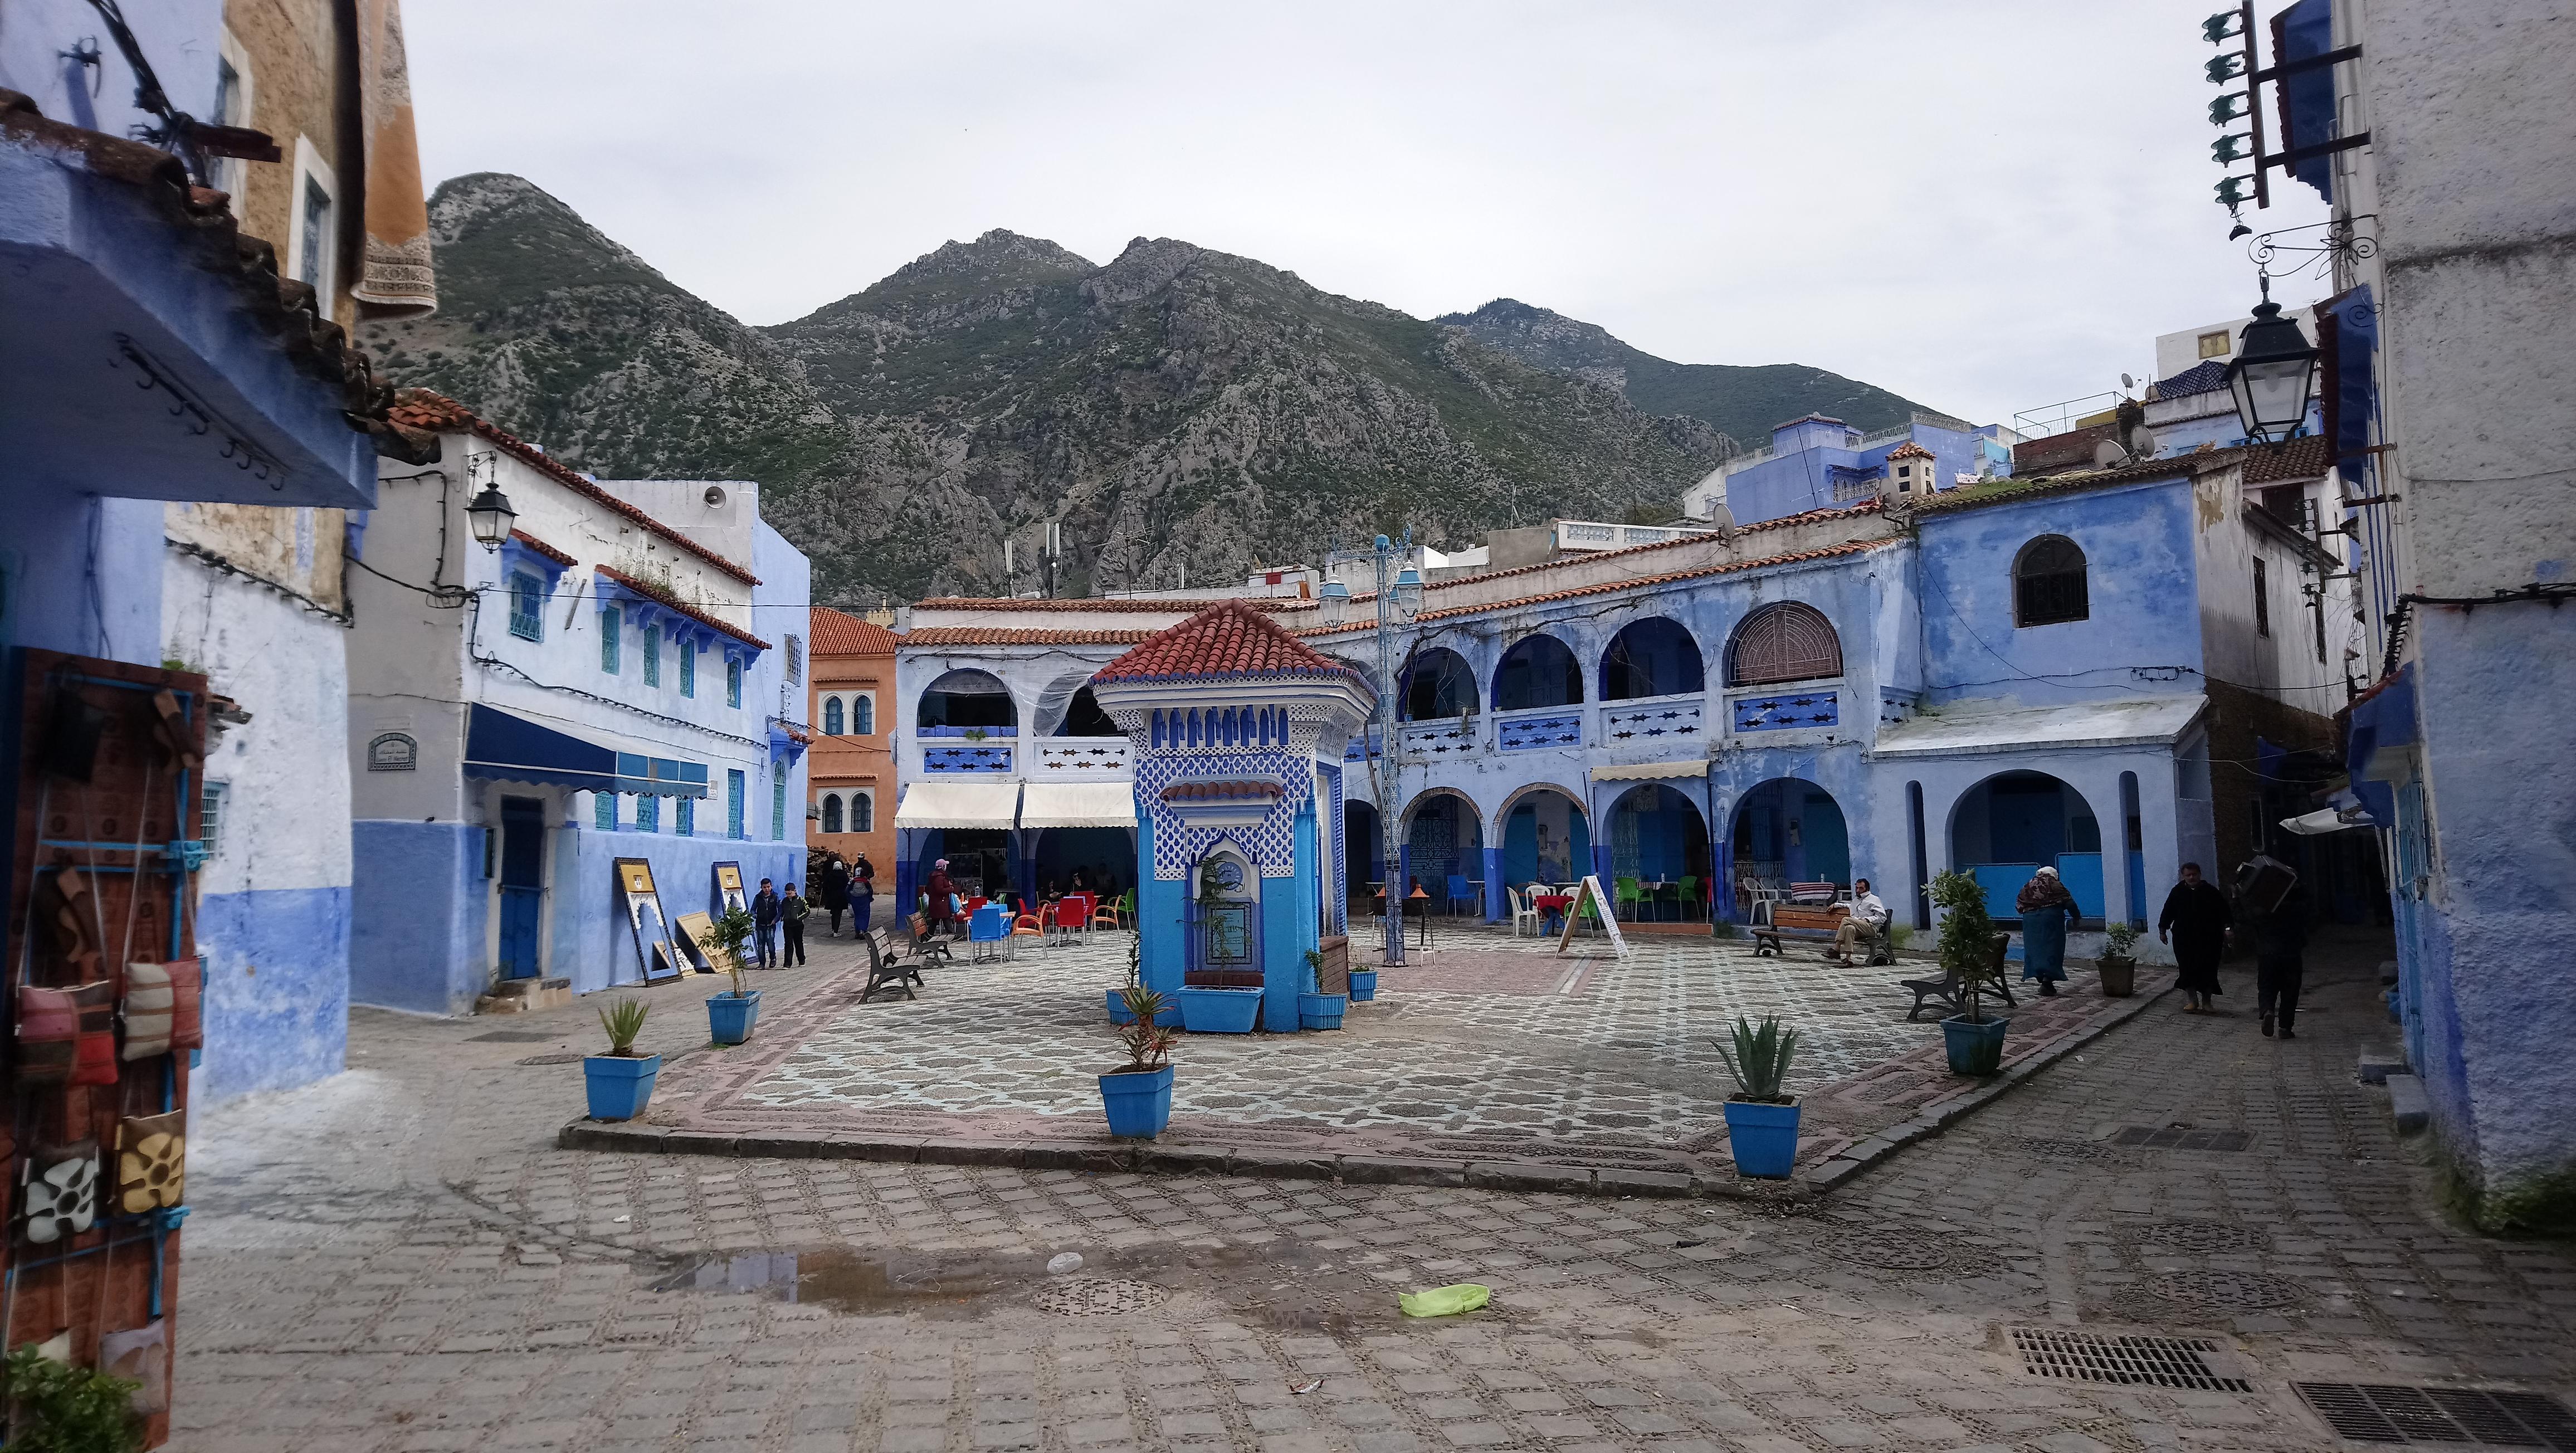 Plaza con comercios en Chefchaouen